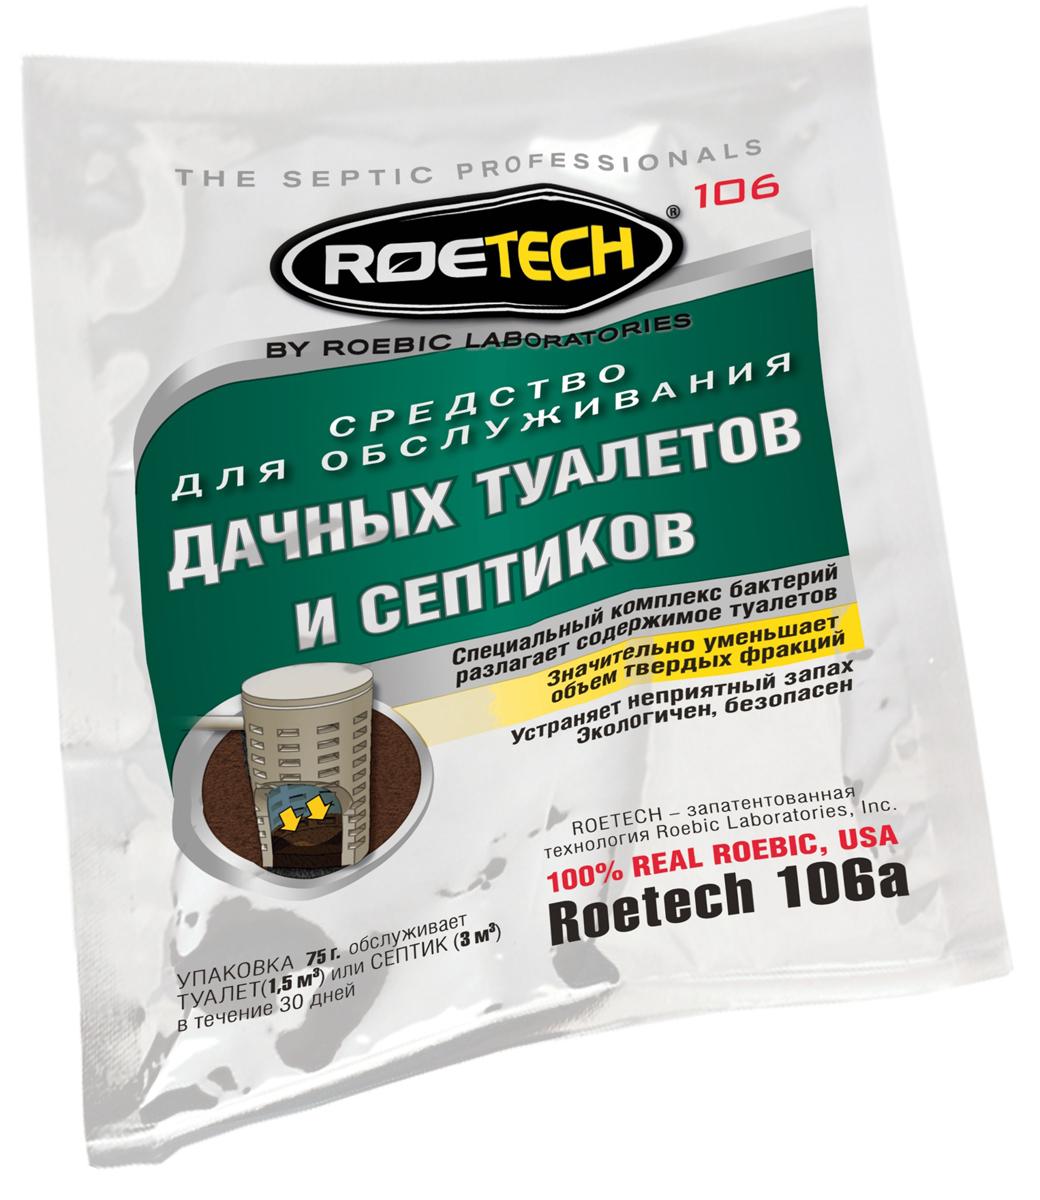 Средство для обслуживания дачных туалетов и септиков Roetech, 75 гКИ-55Доступное и мощное средство для разложения содержимого выгребных ям туалетов и септиков. Значительно уменьшает объем твердых фракций. Устраняет неприятный запах. Экологичен, безопасен. Пакет 75 г. обслуживает туалет (1,5 м3) или септик (3 м3) в течение 30 дн.Состав: смесь бактерий и ферментов бактериального происхождения, порошок.